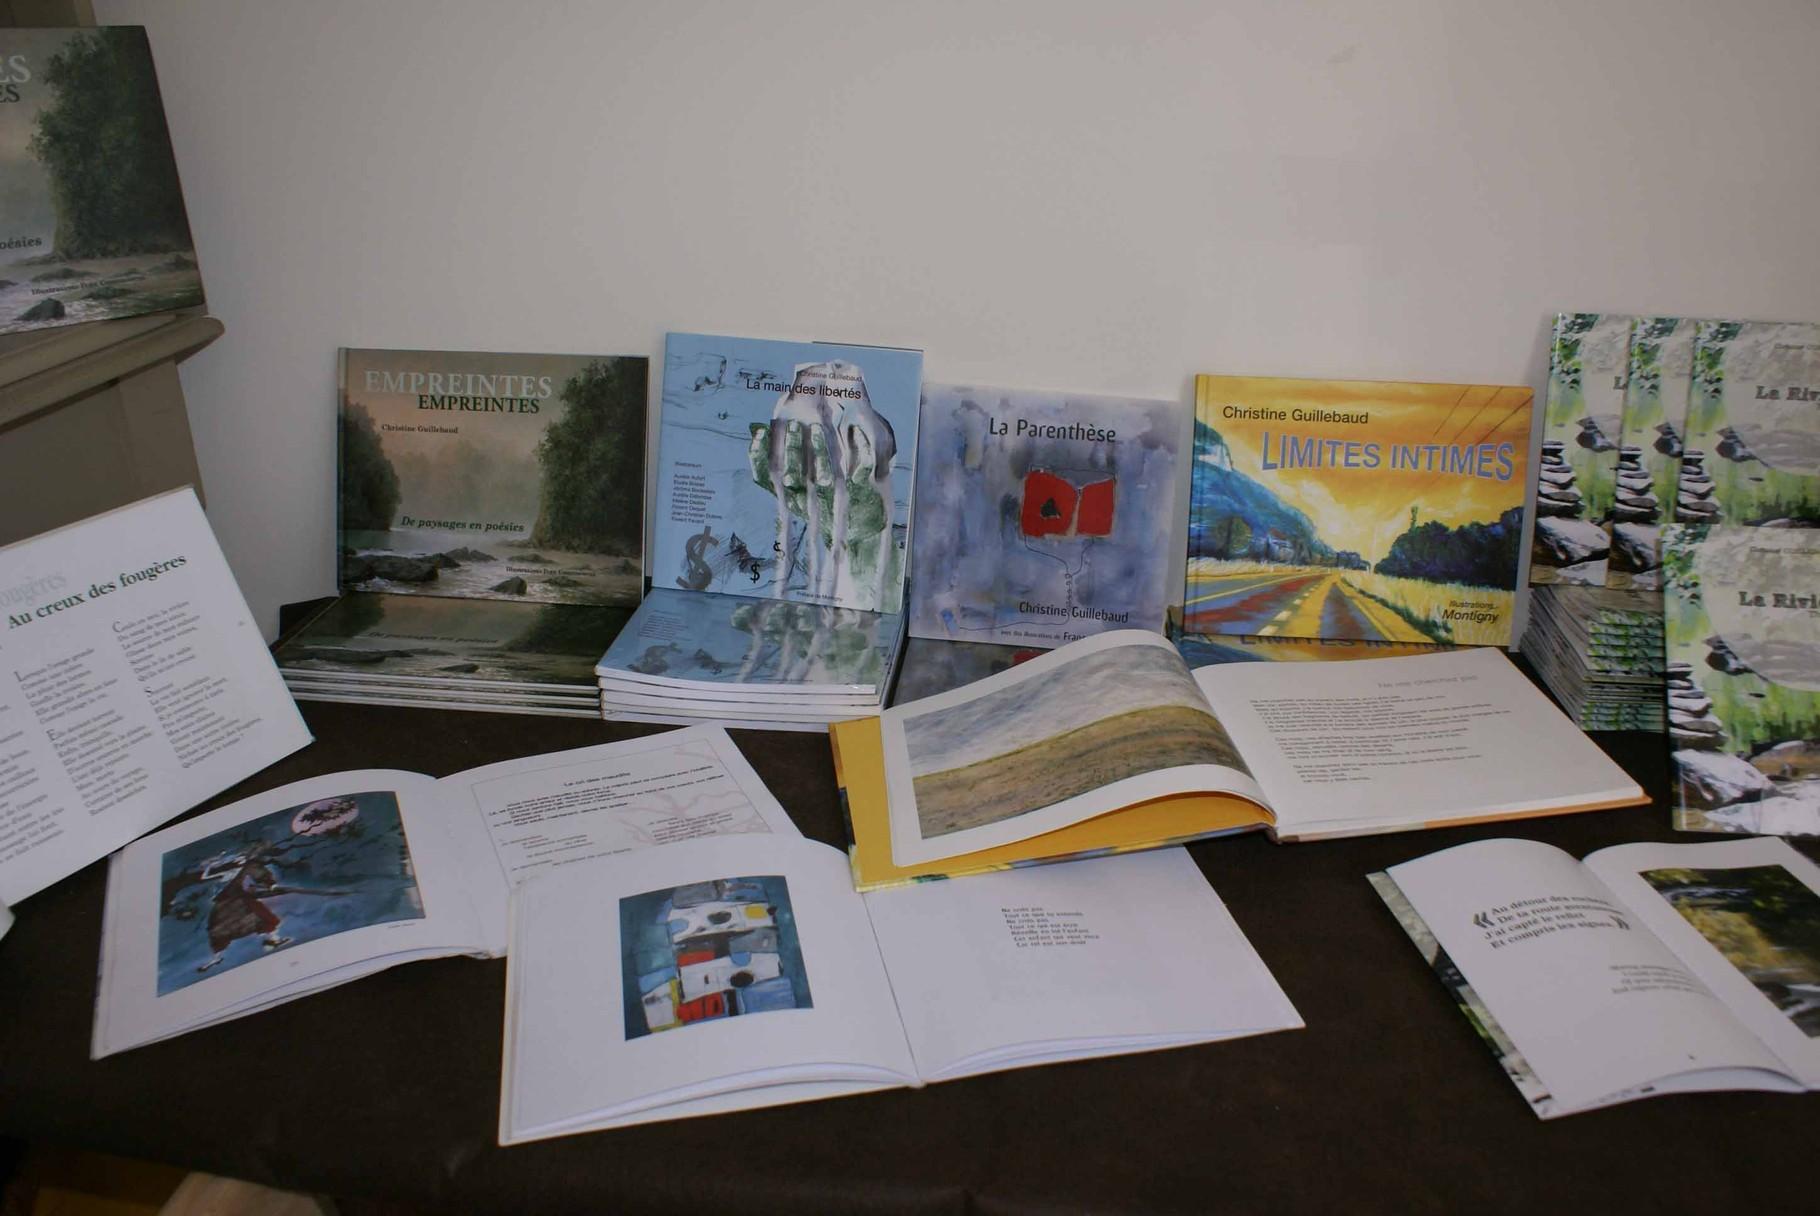 Recueils de poésie illustrée de Christine Guillebaud